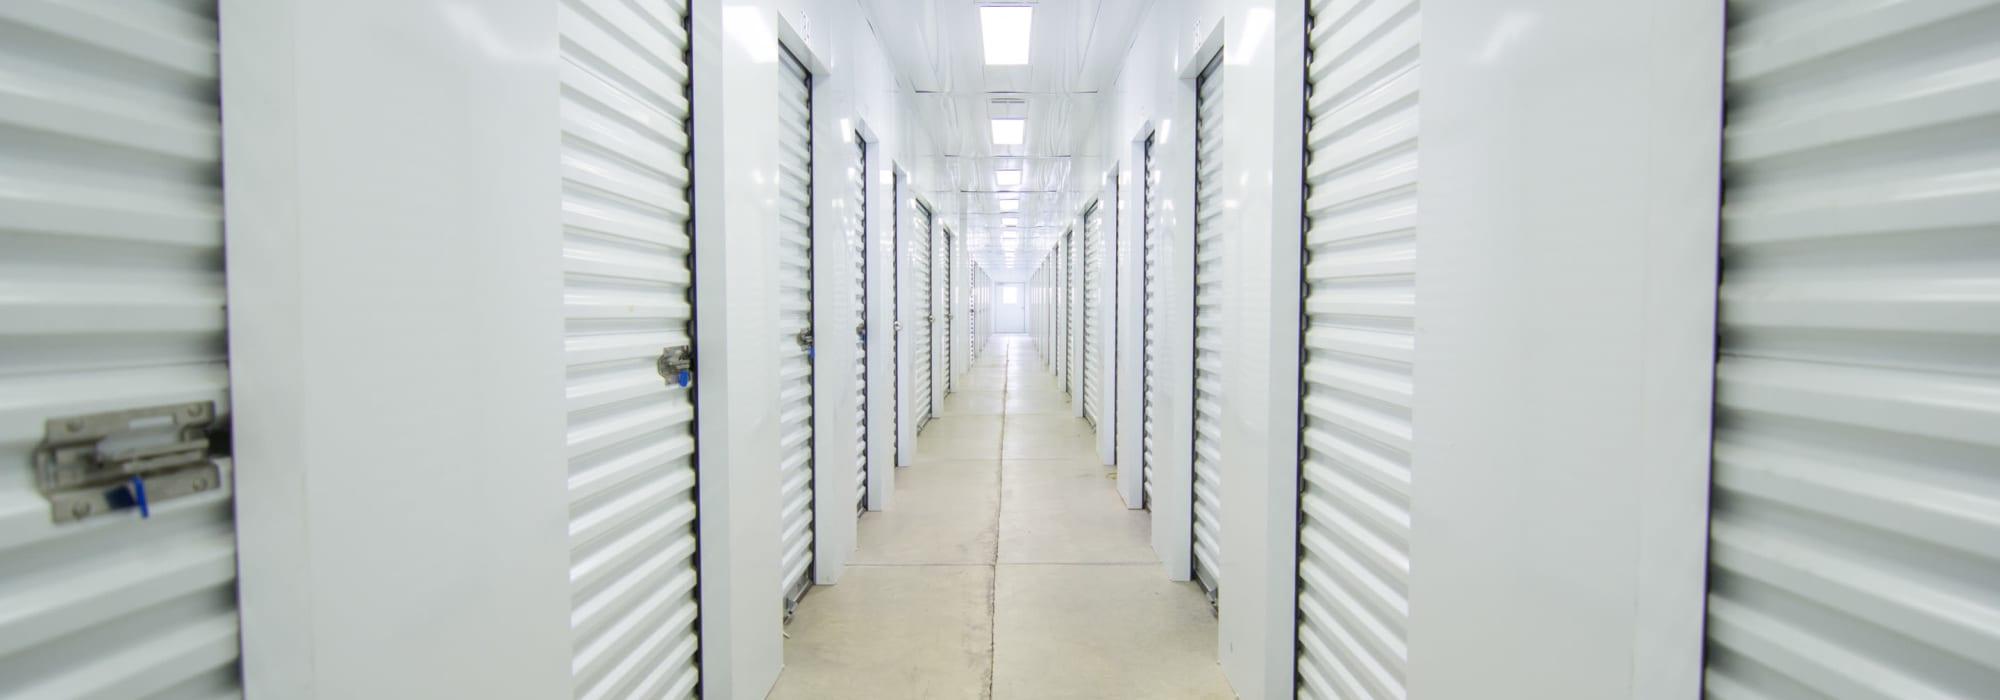 Prime Storage in Bondville, IL